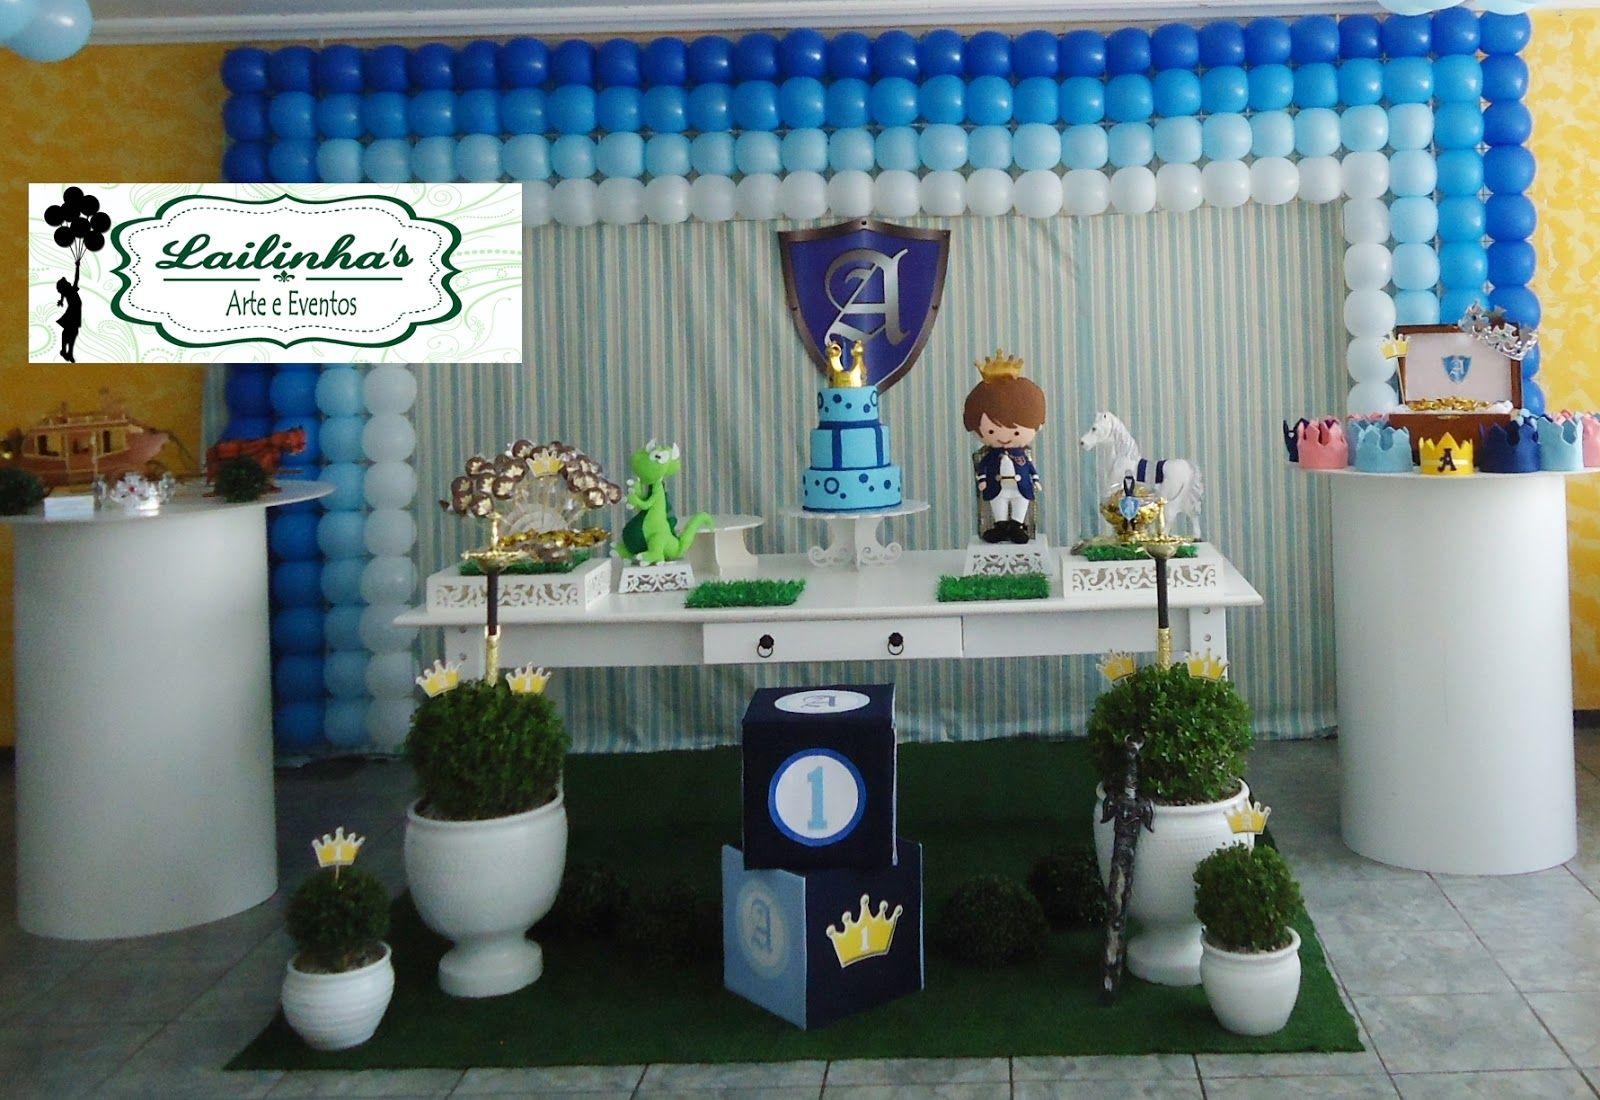 Festa+personalizada+Rei+Arthur+Curitiba.JPG (1600×1100)